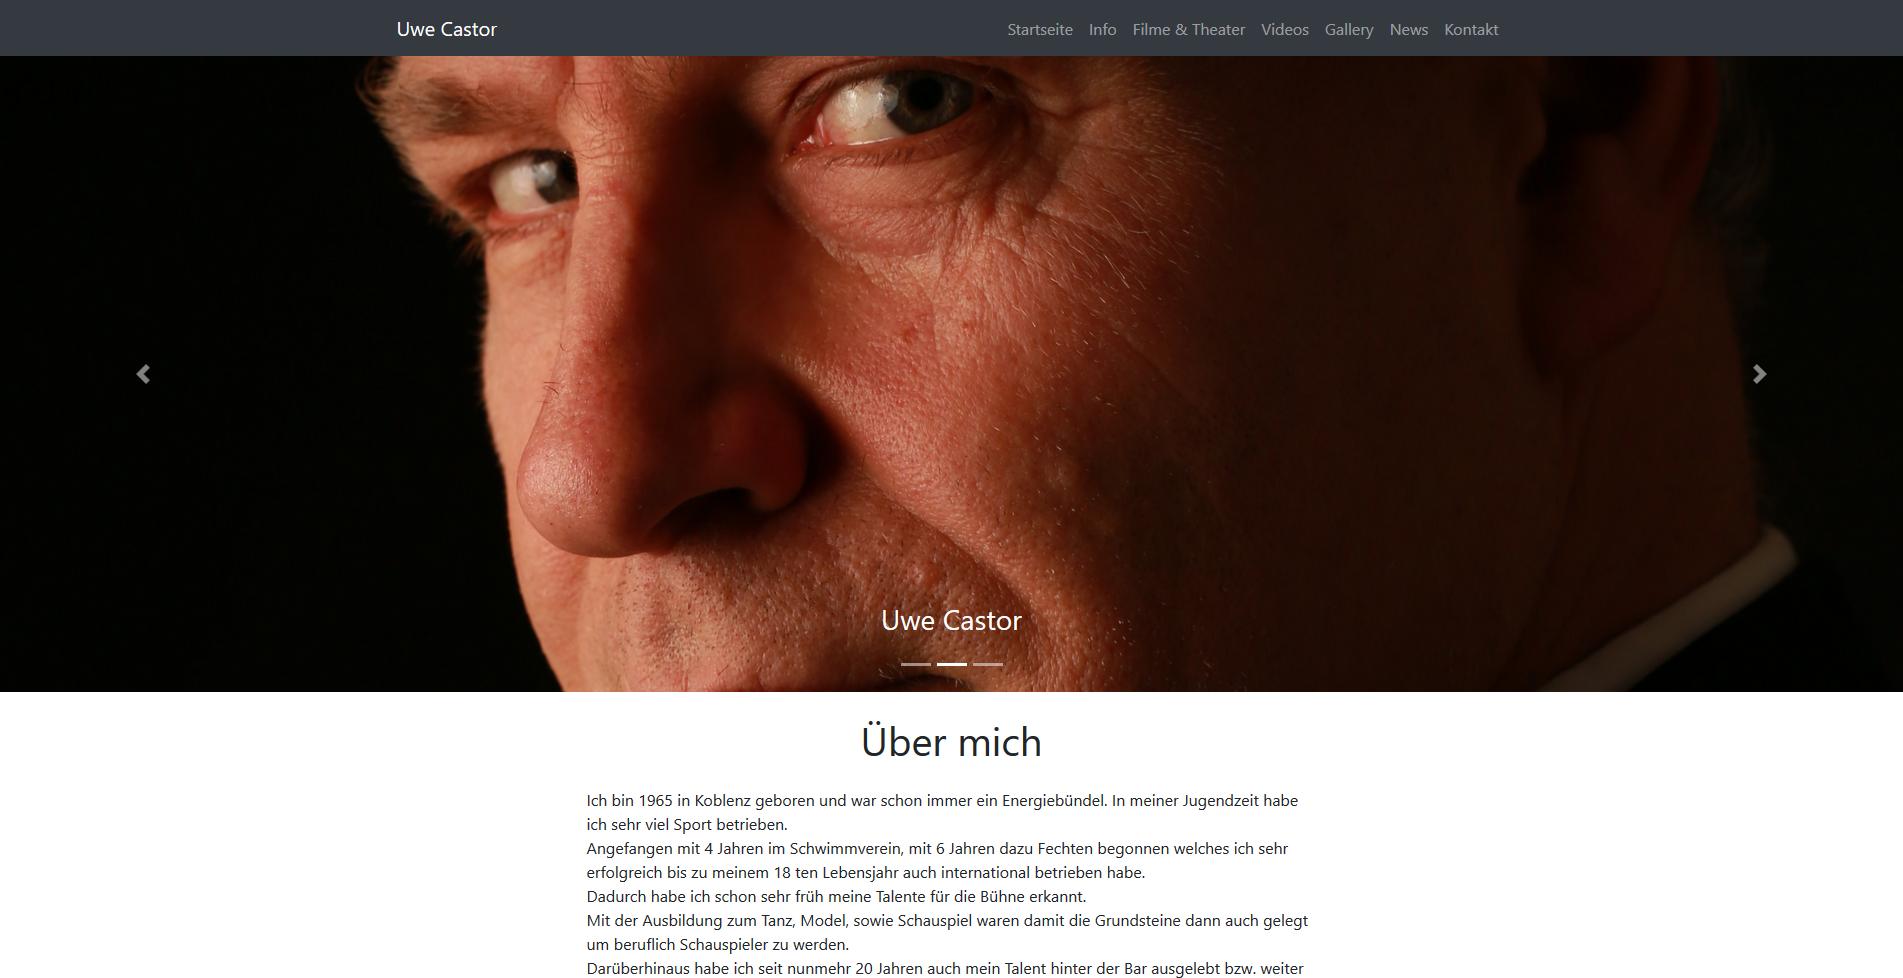 https://files.web-timo.de/ws/uwe-castor.eu.png